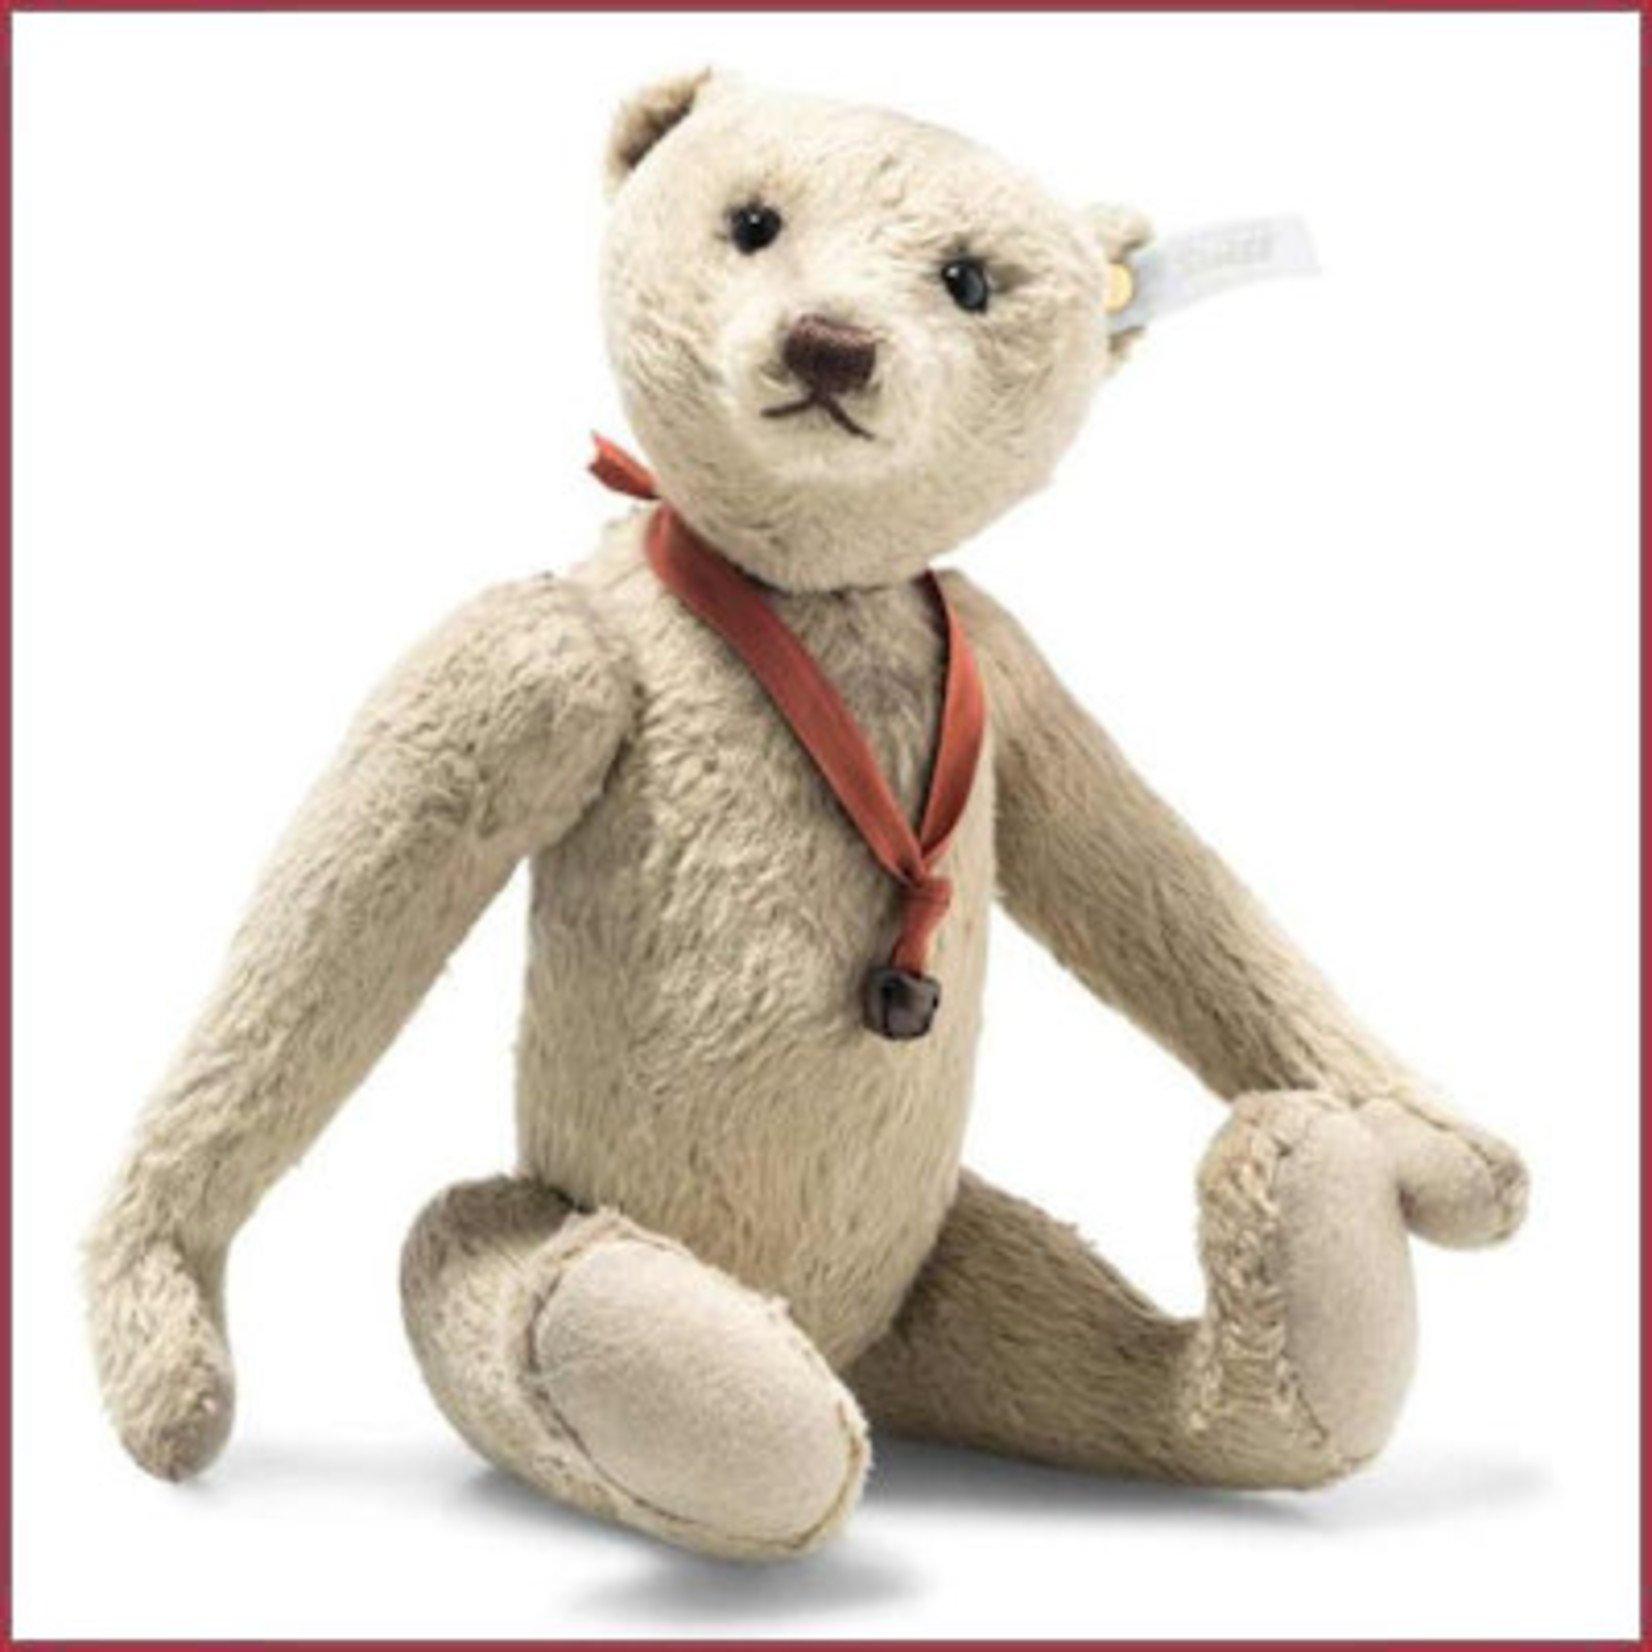 Steiff Steiff Club edition 2021 Florian Teddy bear